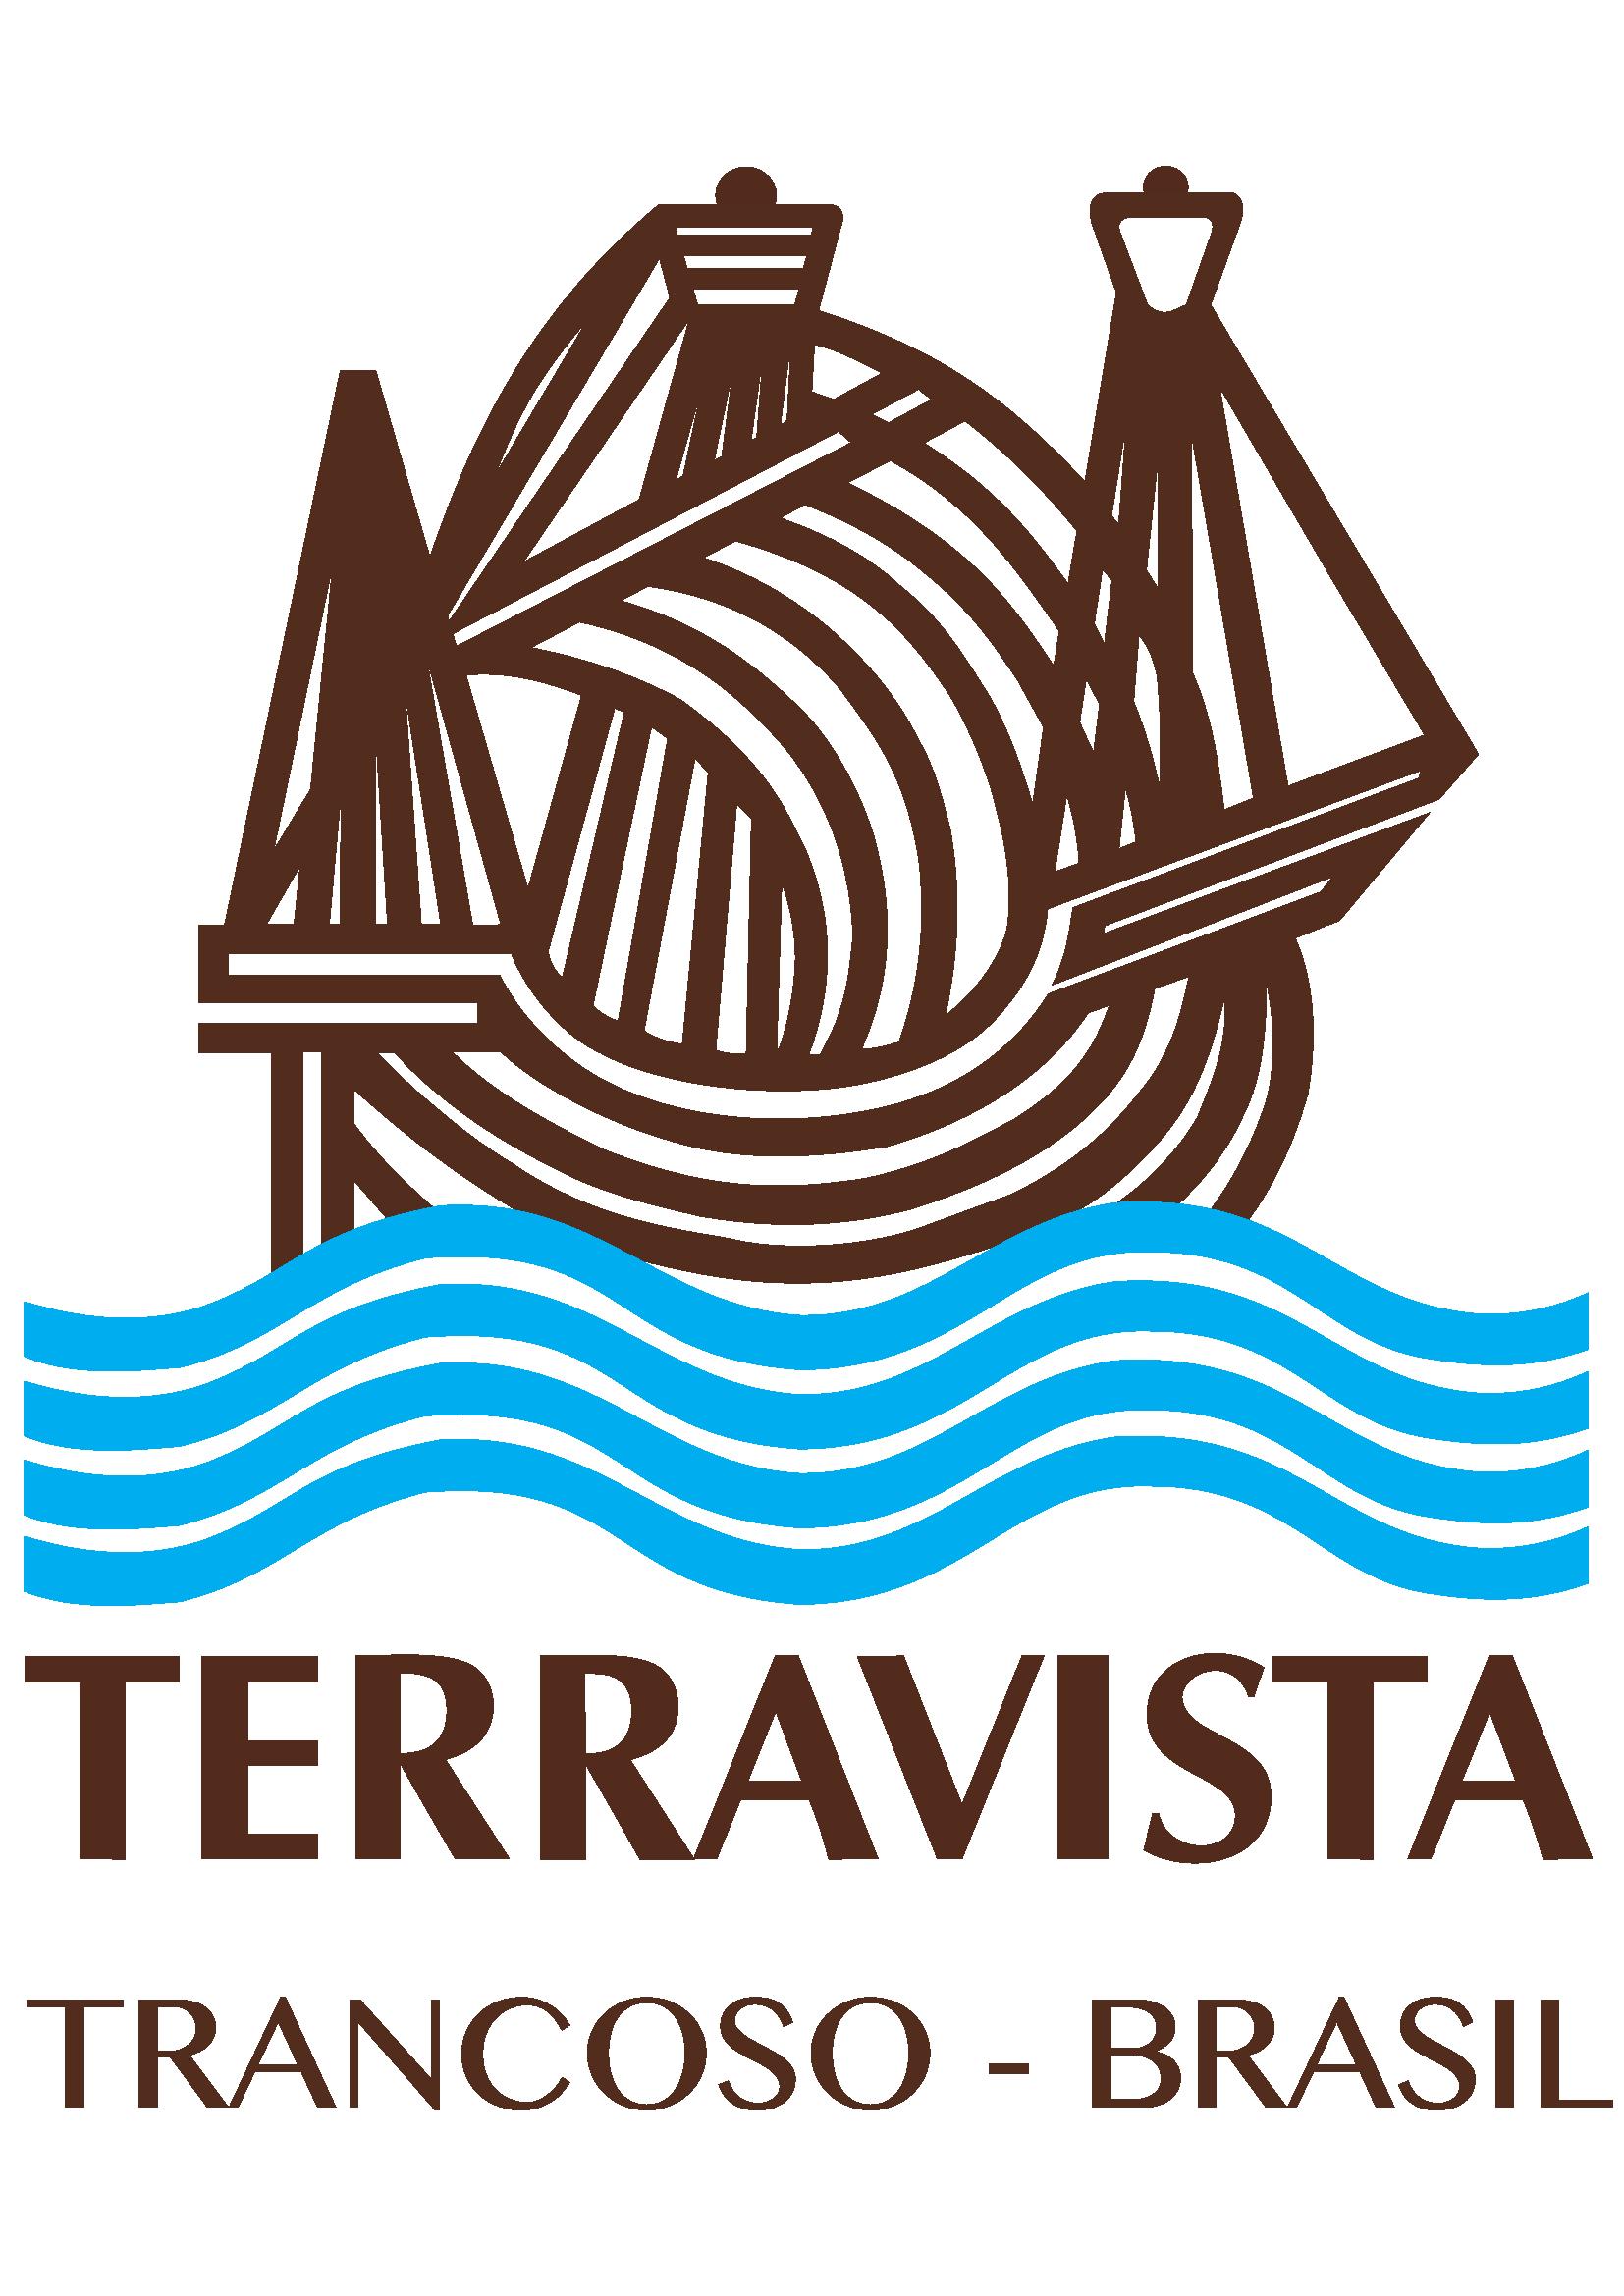 Terravista